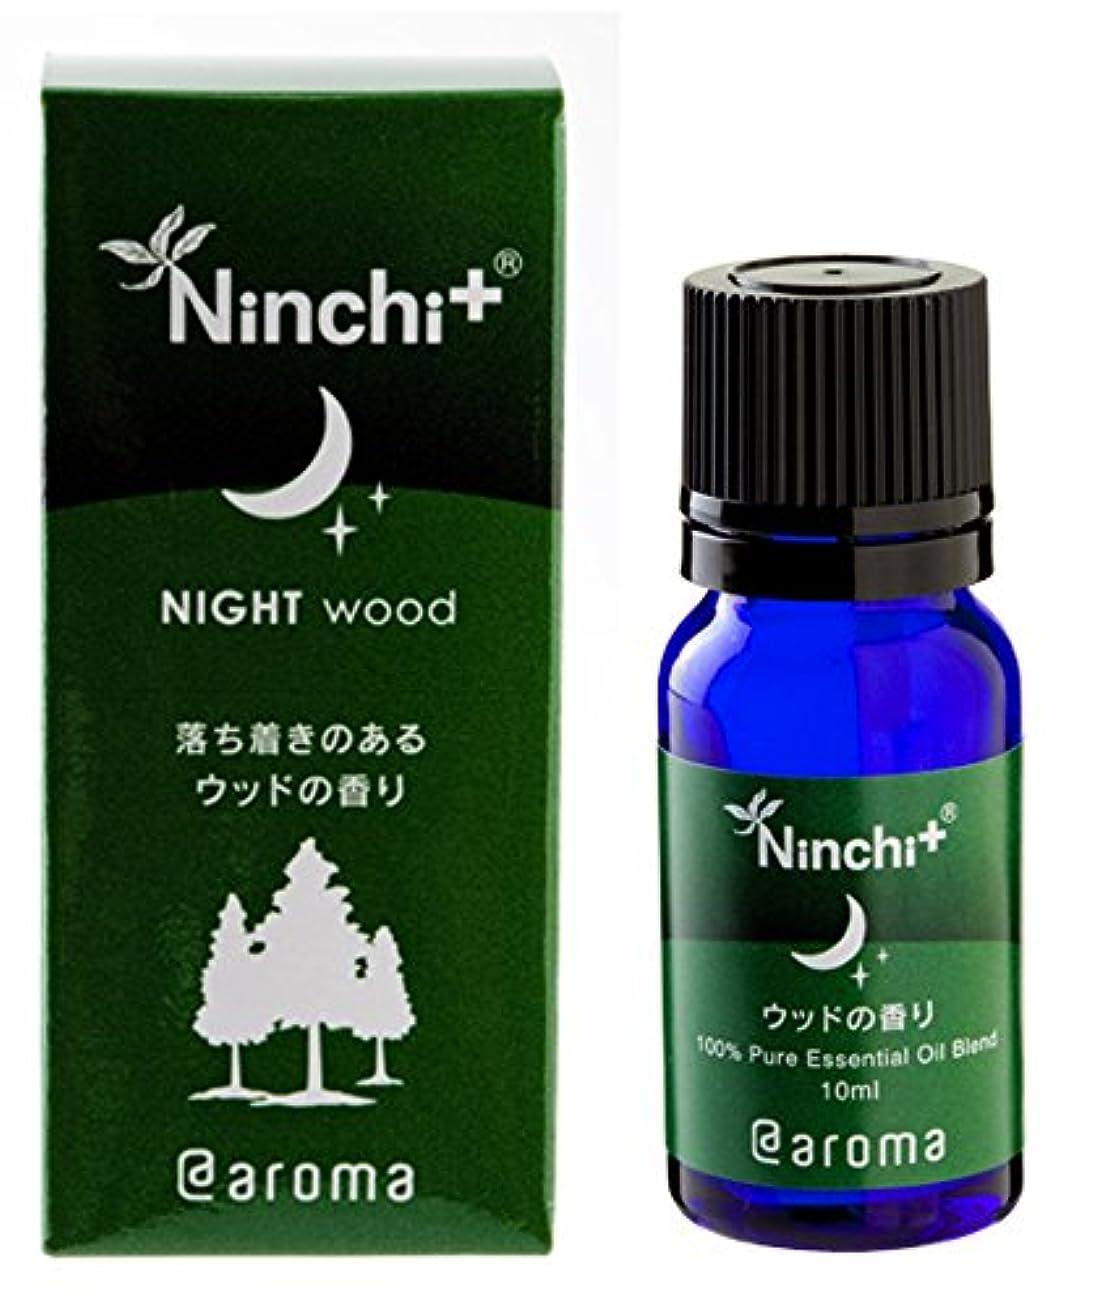 かごレジスタックNinchi+ Night ウッド10ml